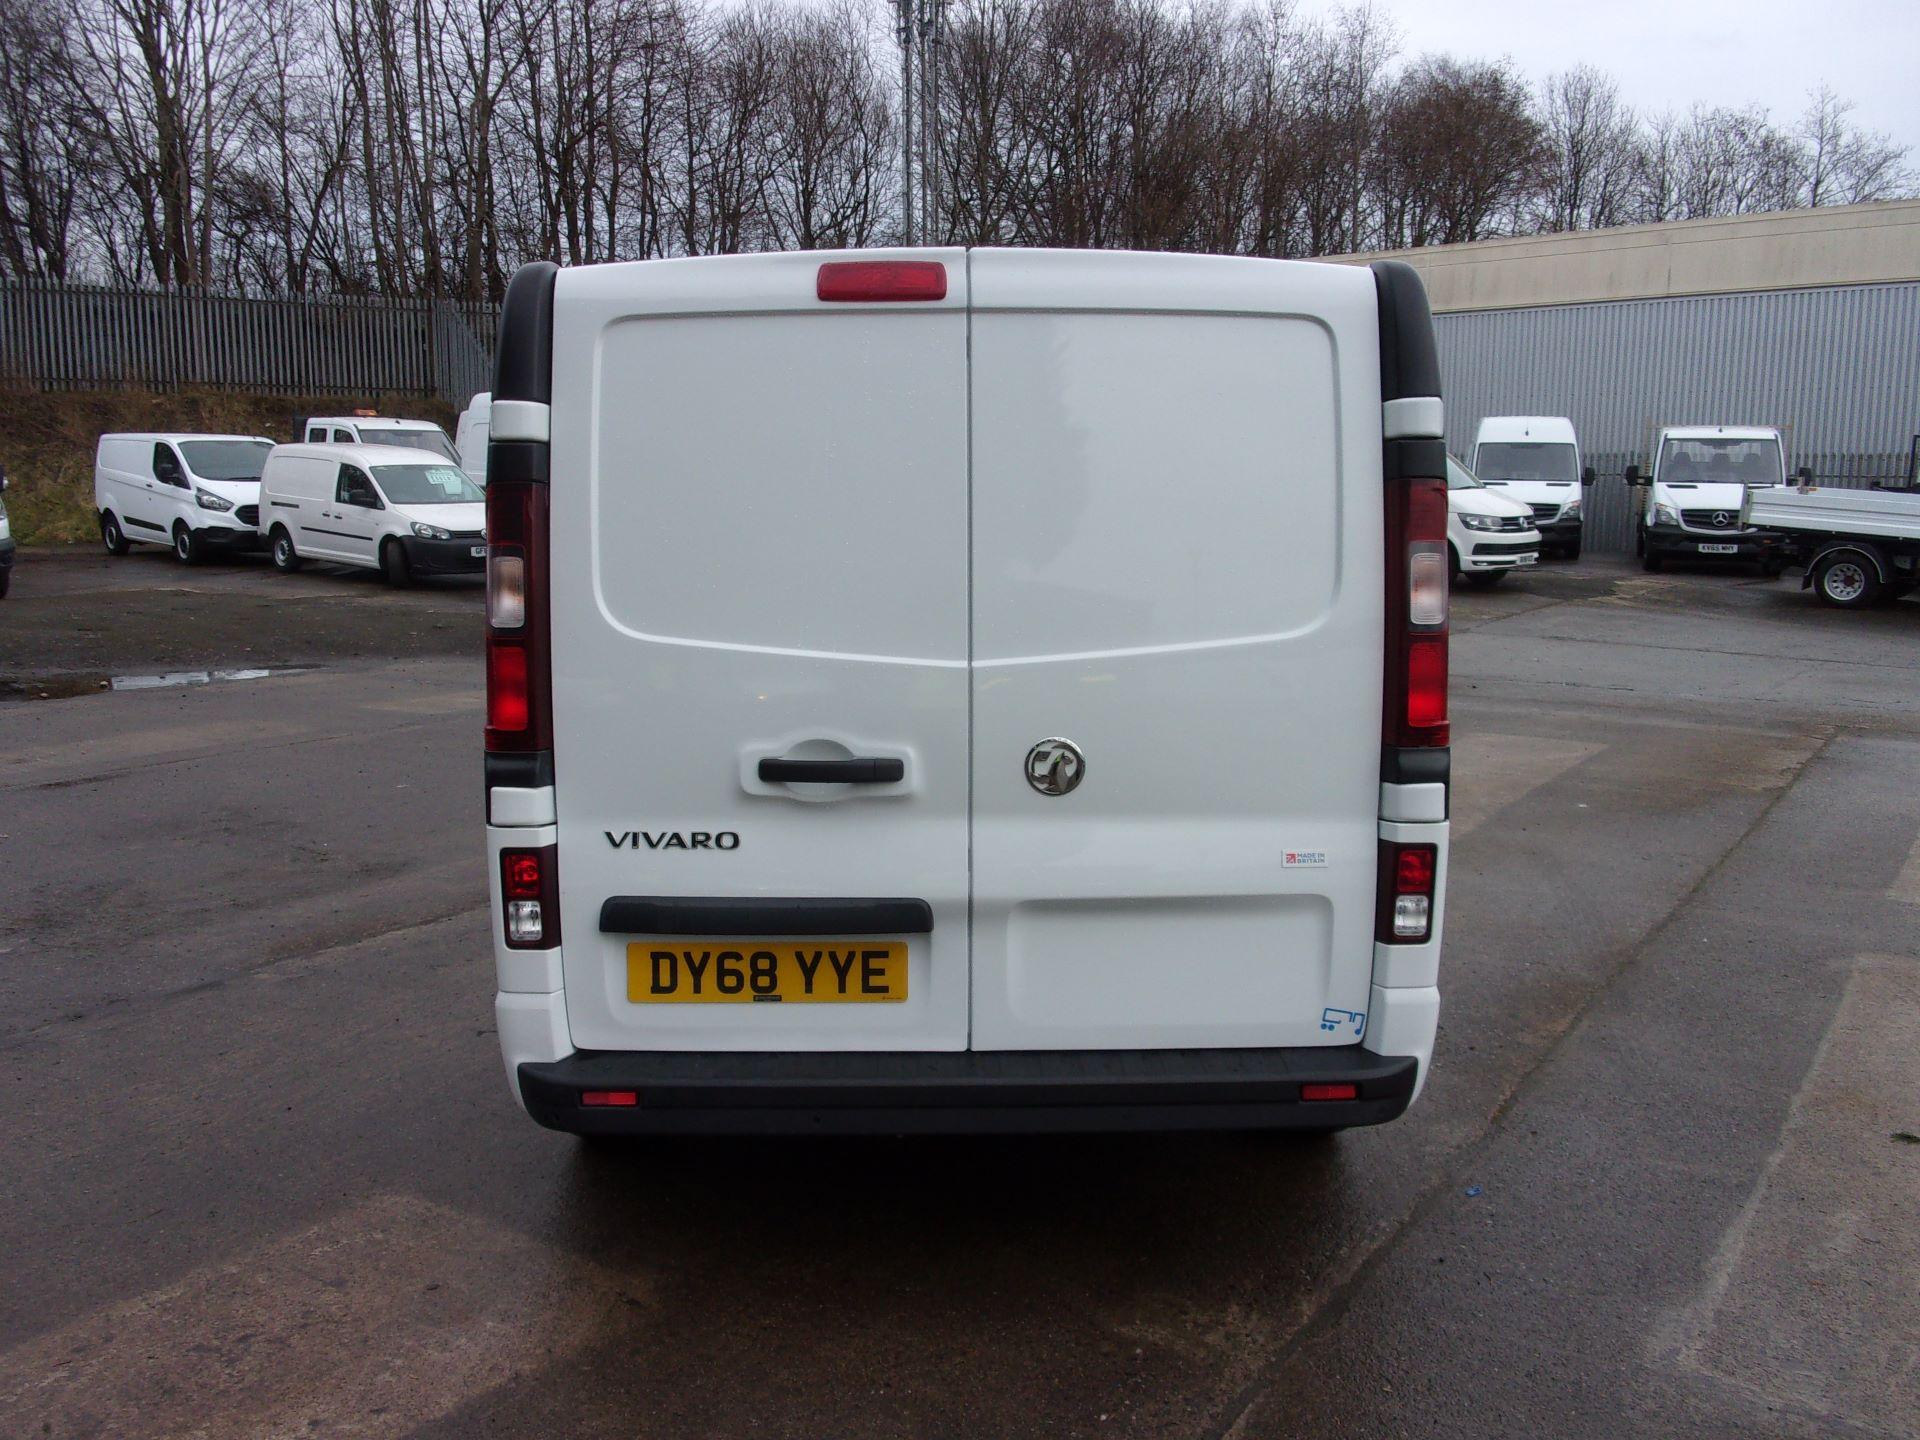 2018 Vauxhall Vivaro L1 H1 2900 1.6 CDTI 120PS SPORTIVE VAN EURO 6 (DY68YYE) Image 13